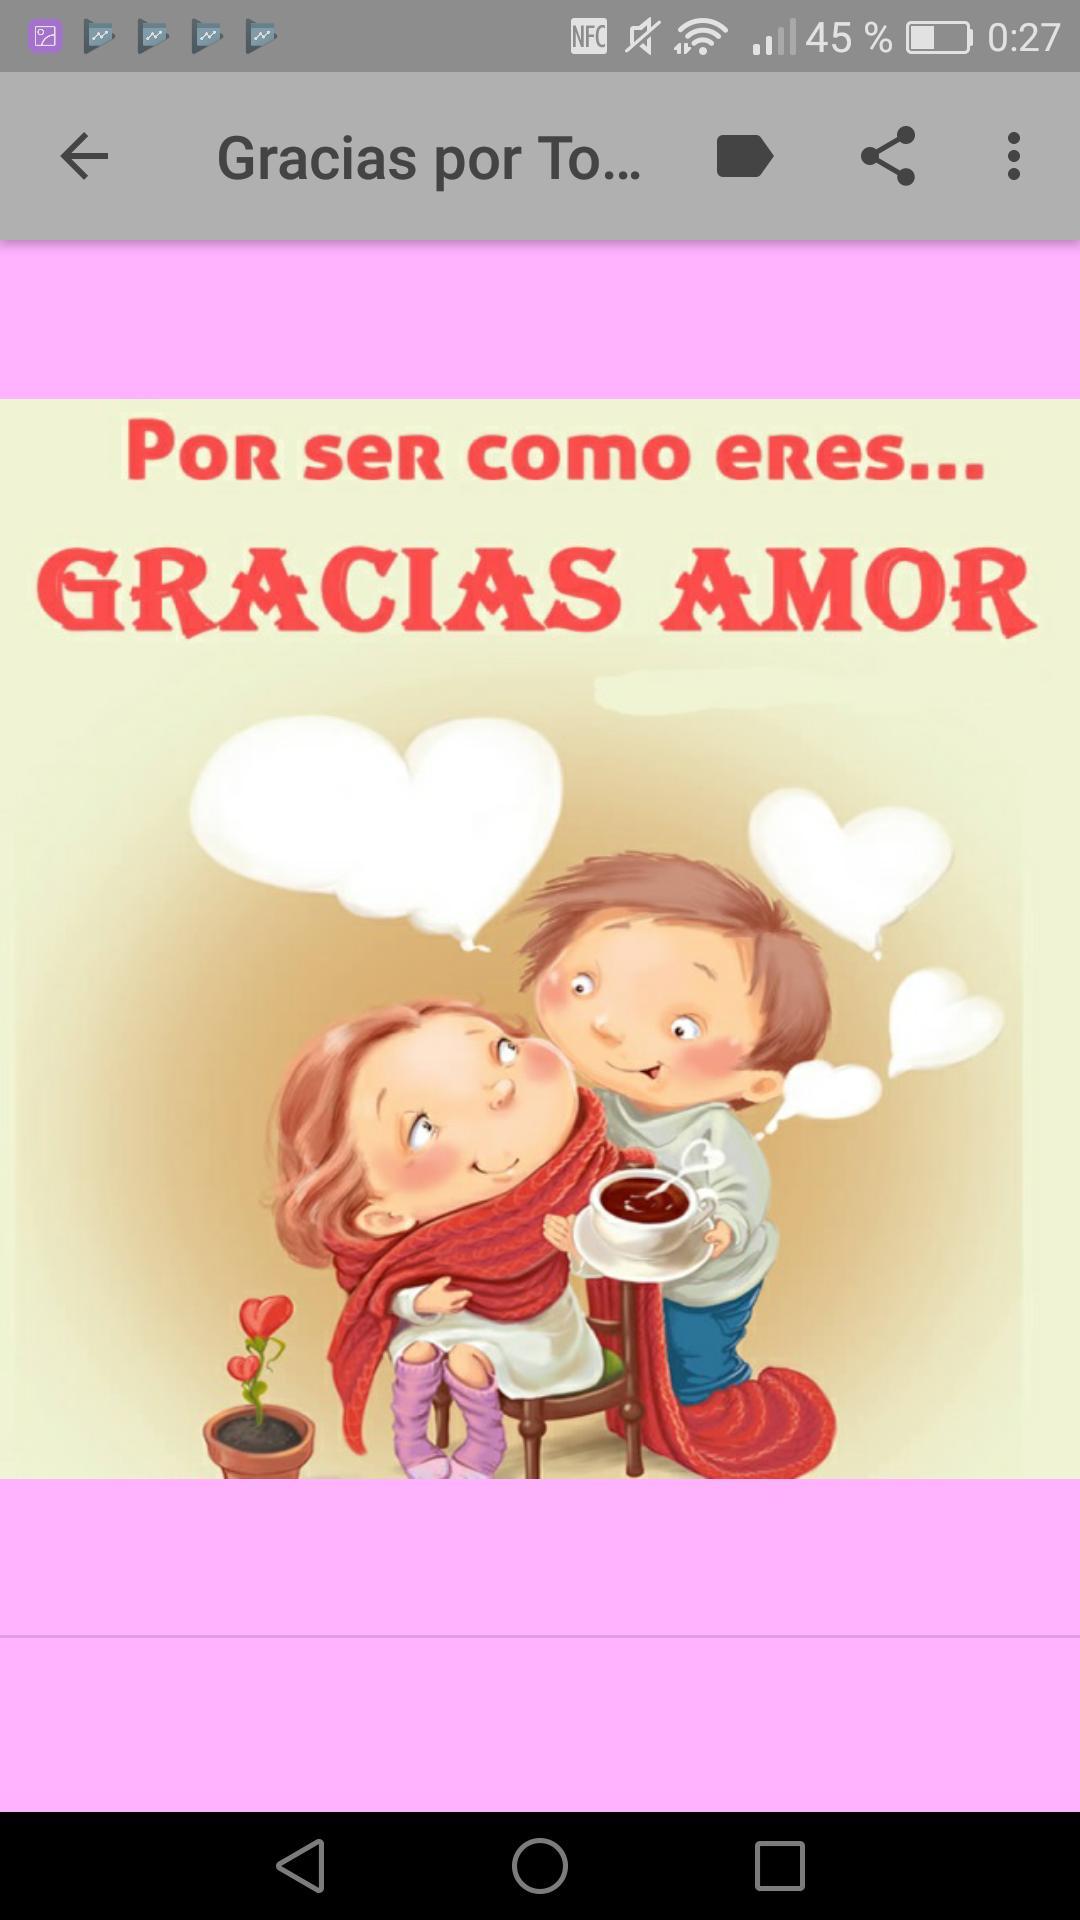 Imagenes Bonitas Con Frases De Dar Gracias For Android Apk